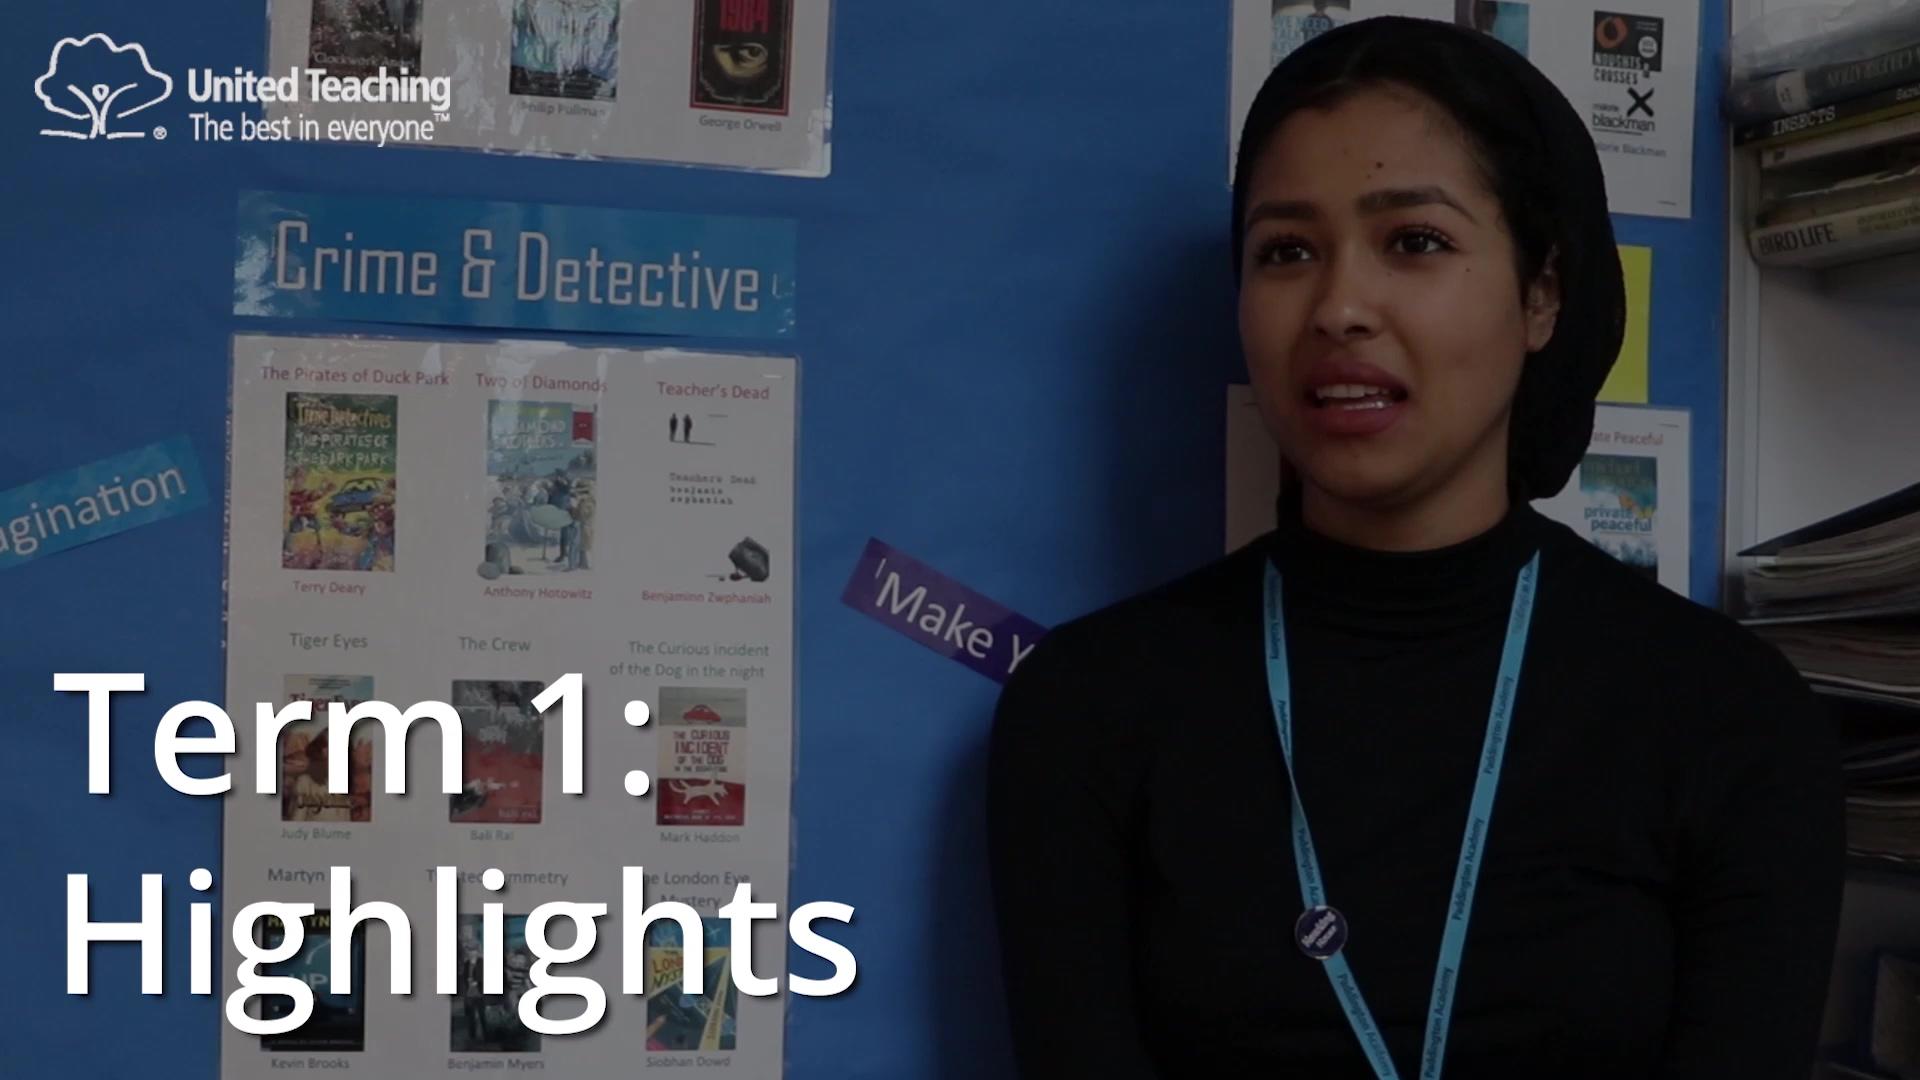 Sarah - term 1 highlights